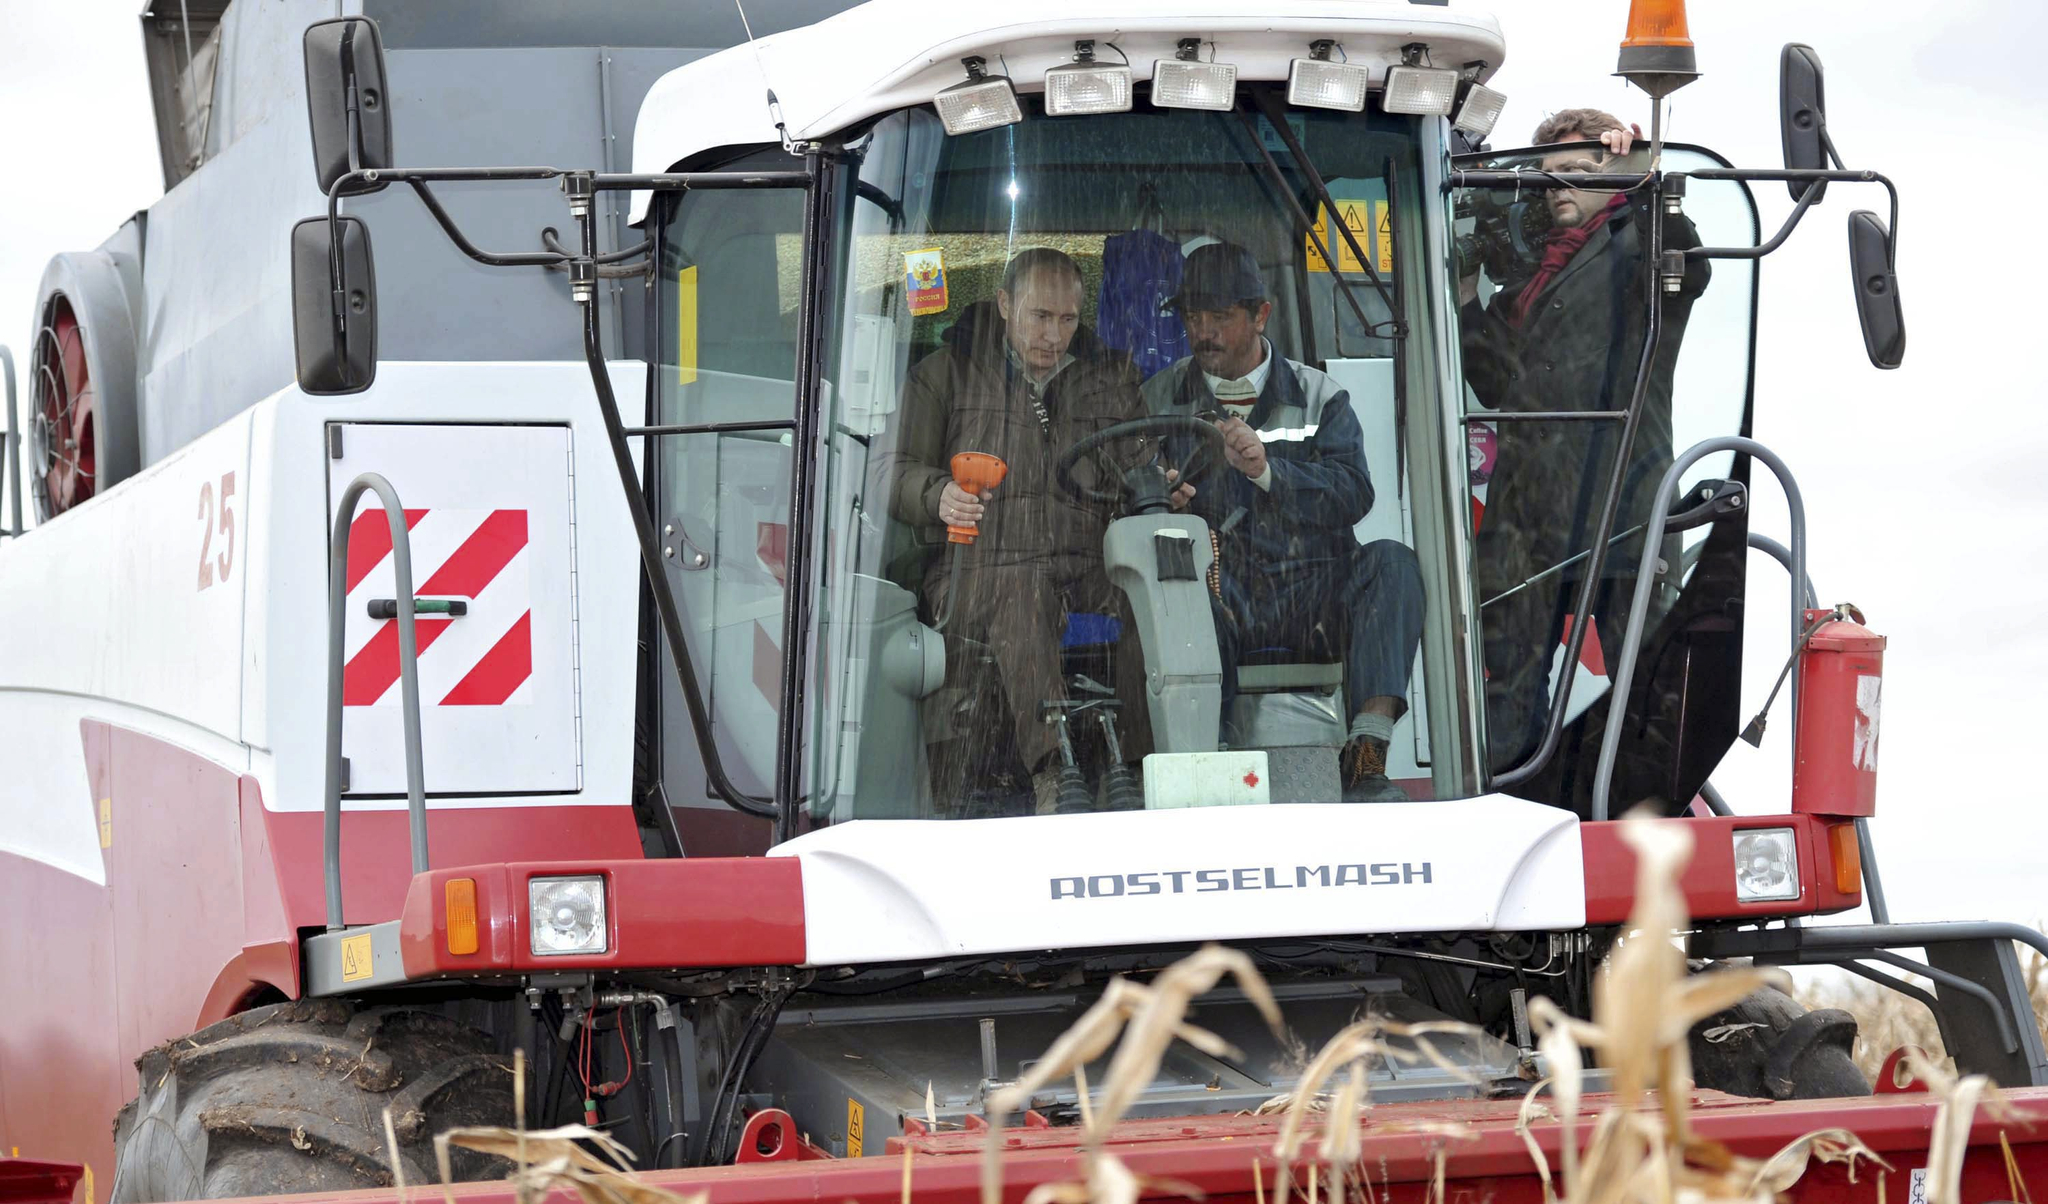 지난 2011년 당시 대통령이었던 드미트리 메드베데프 러시아 대통령과 모스크바 인근 농장 옥수수밭을 방문한 푸틴 대통령(당시 총리)이 콤바인을 운전하고 있다. [AP=연합뉴스]